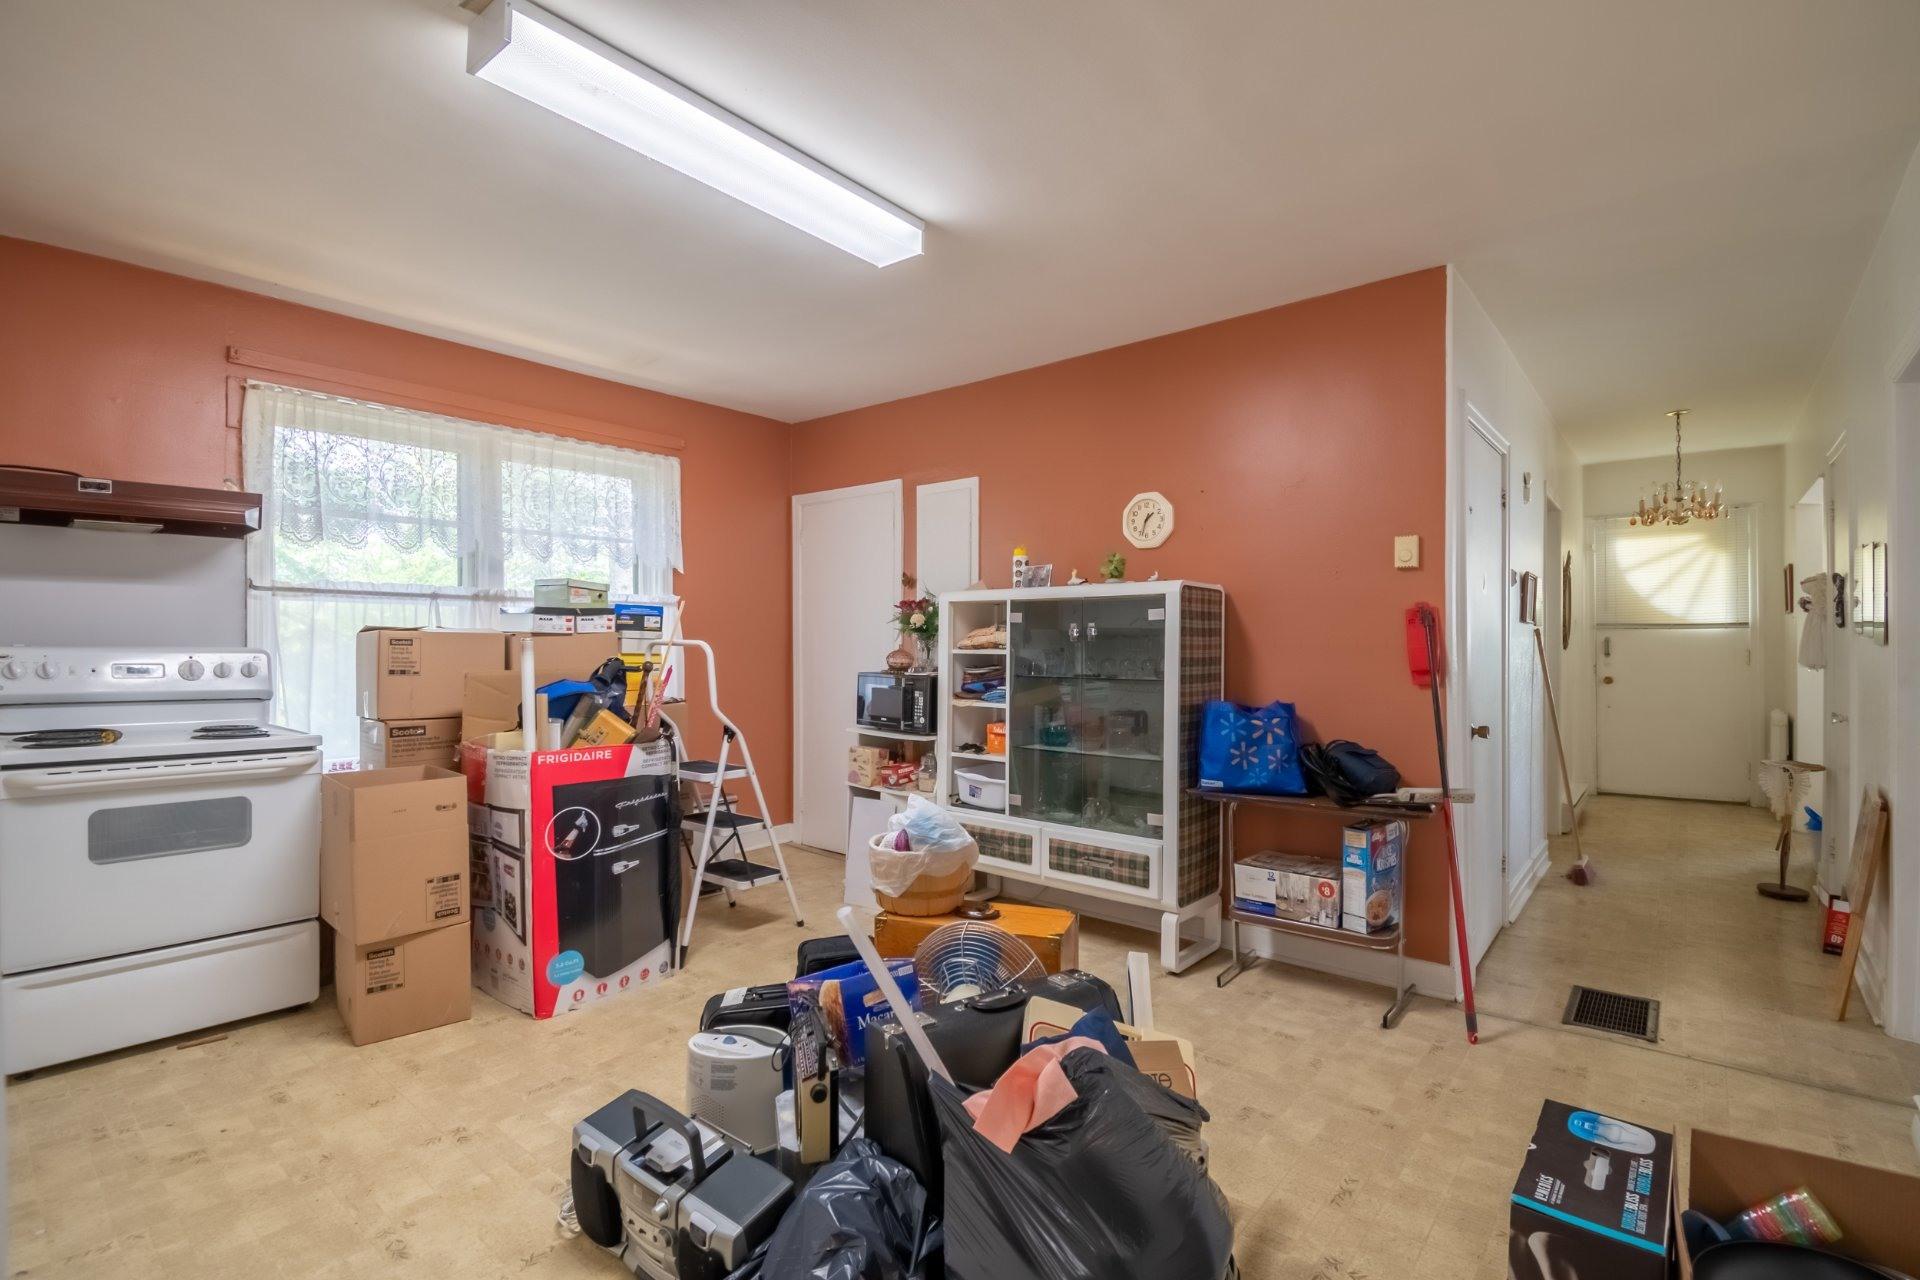 image 2 - Maison À vendre Trois-Rivières - 10 pièces